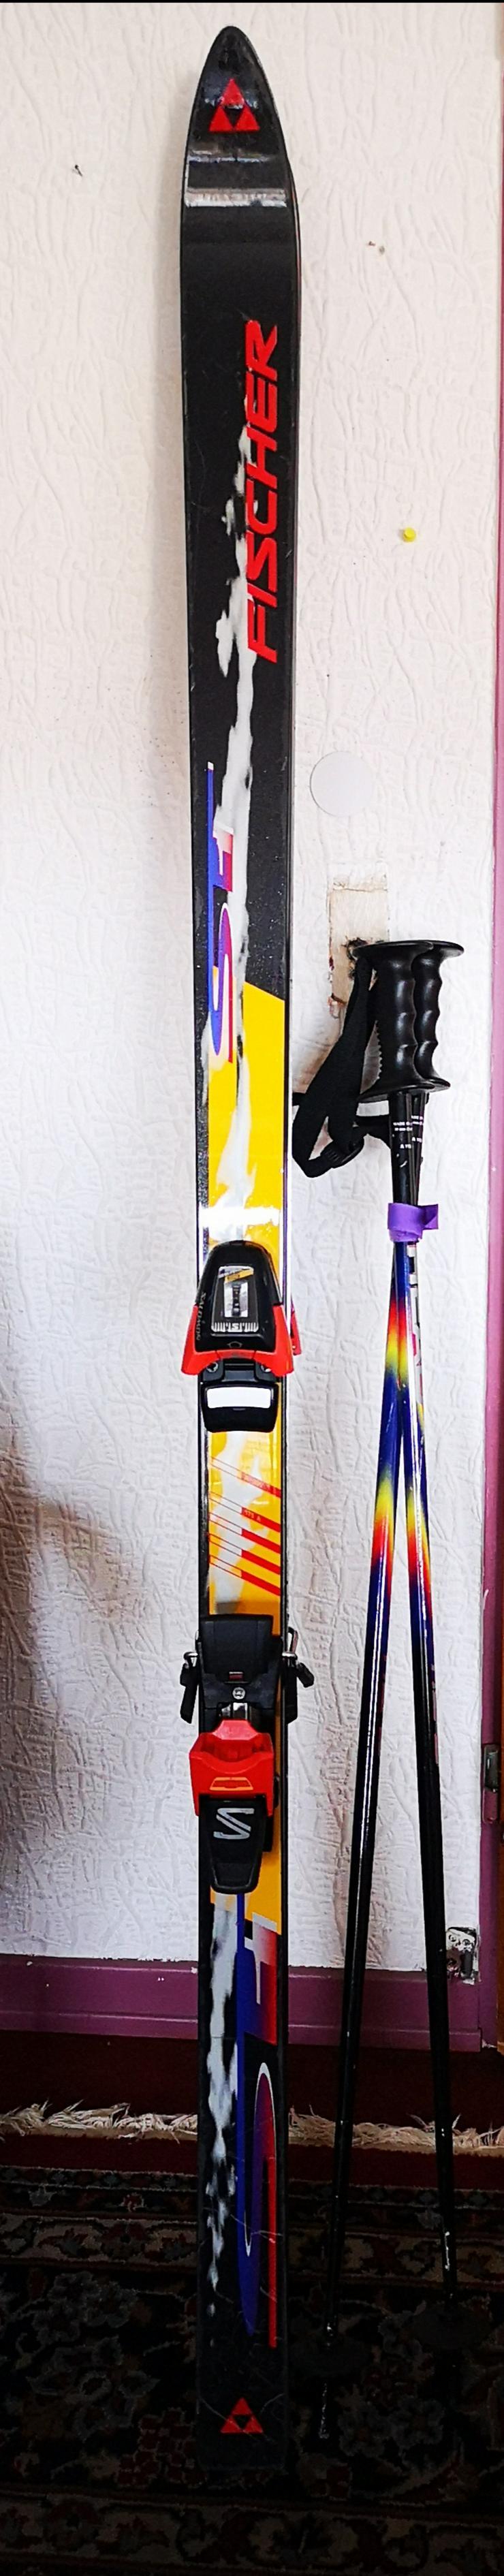 Alpin Ski, Marke Fischer mit Salomon-Bindung